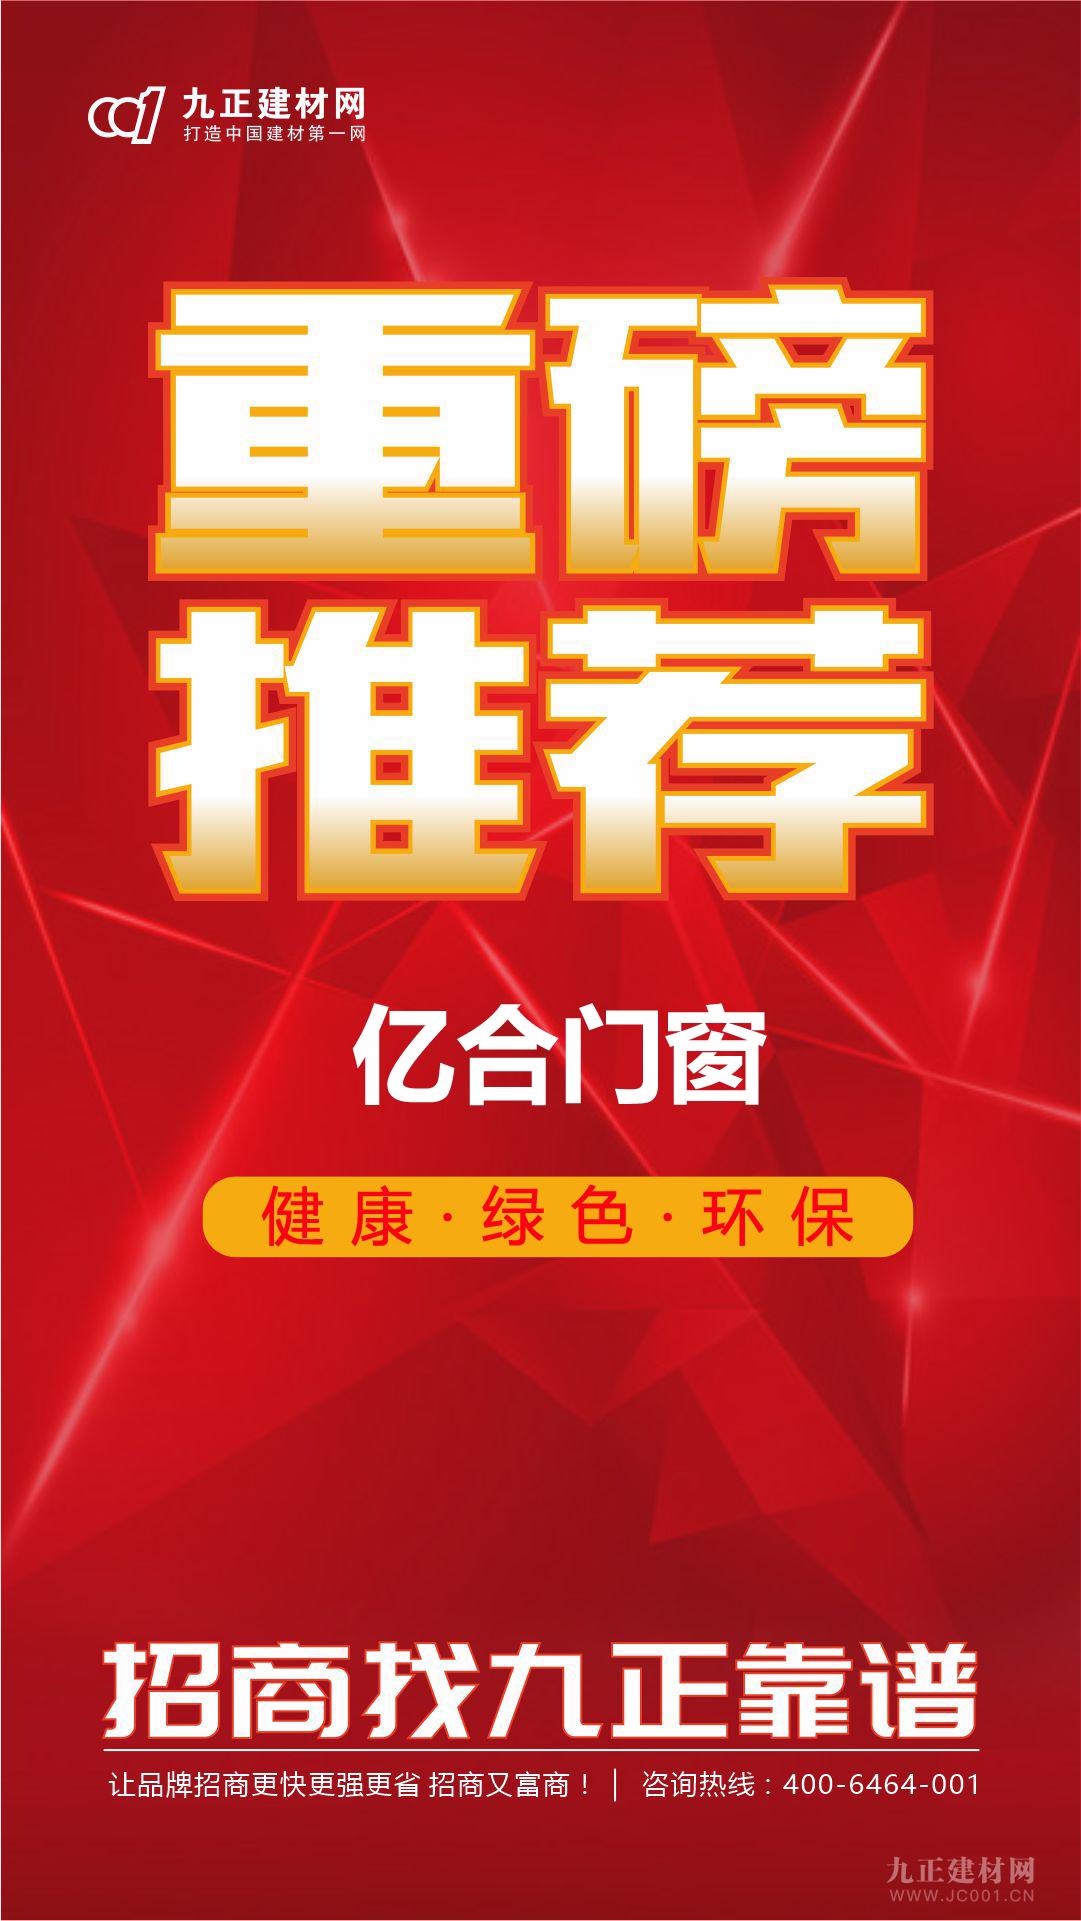 【九正重磅推薦】億合門窗——中國門窗領軍品牌